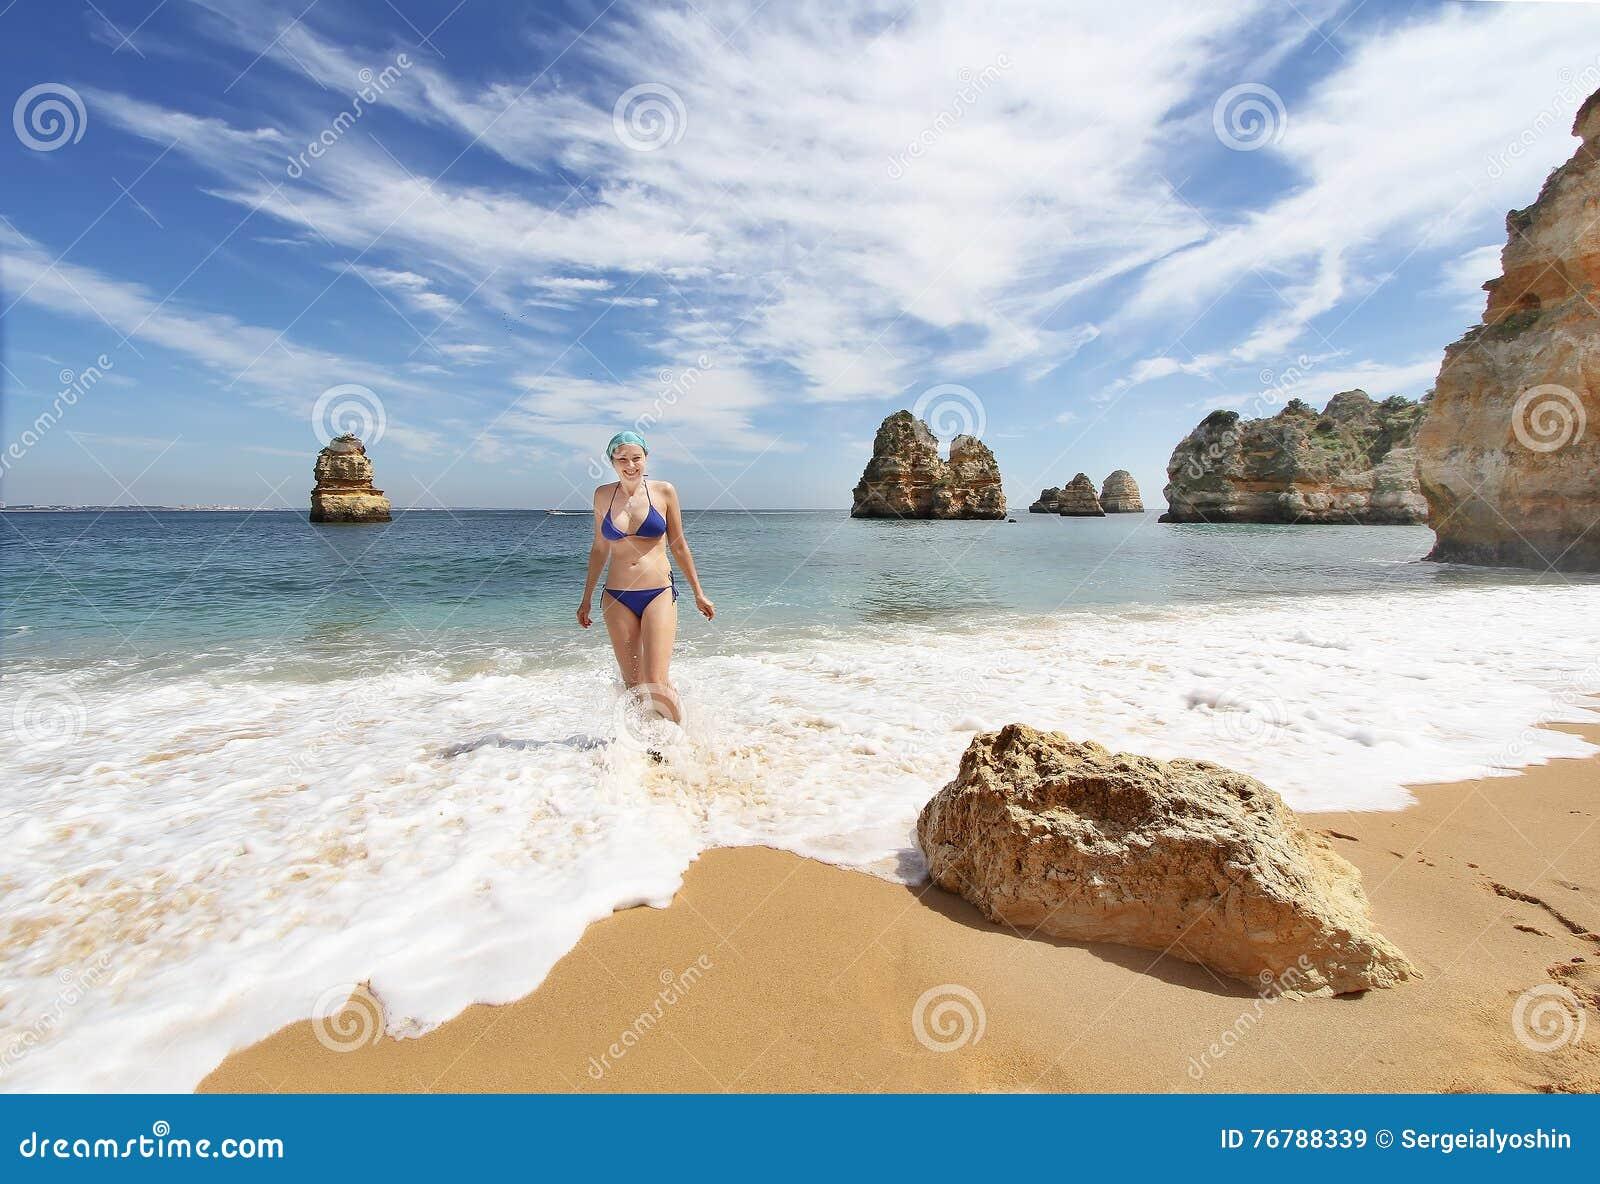 Junge Frau Im Bikini Am Felsigen Strand Bei Sonnenuntergang, Lagos ...